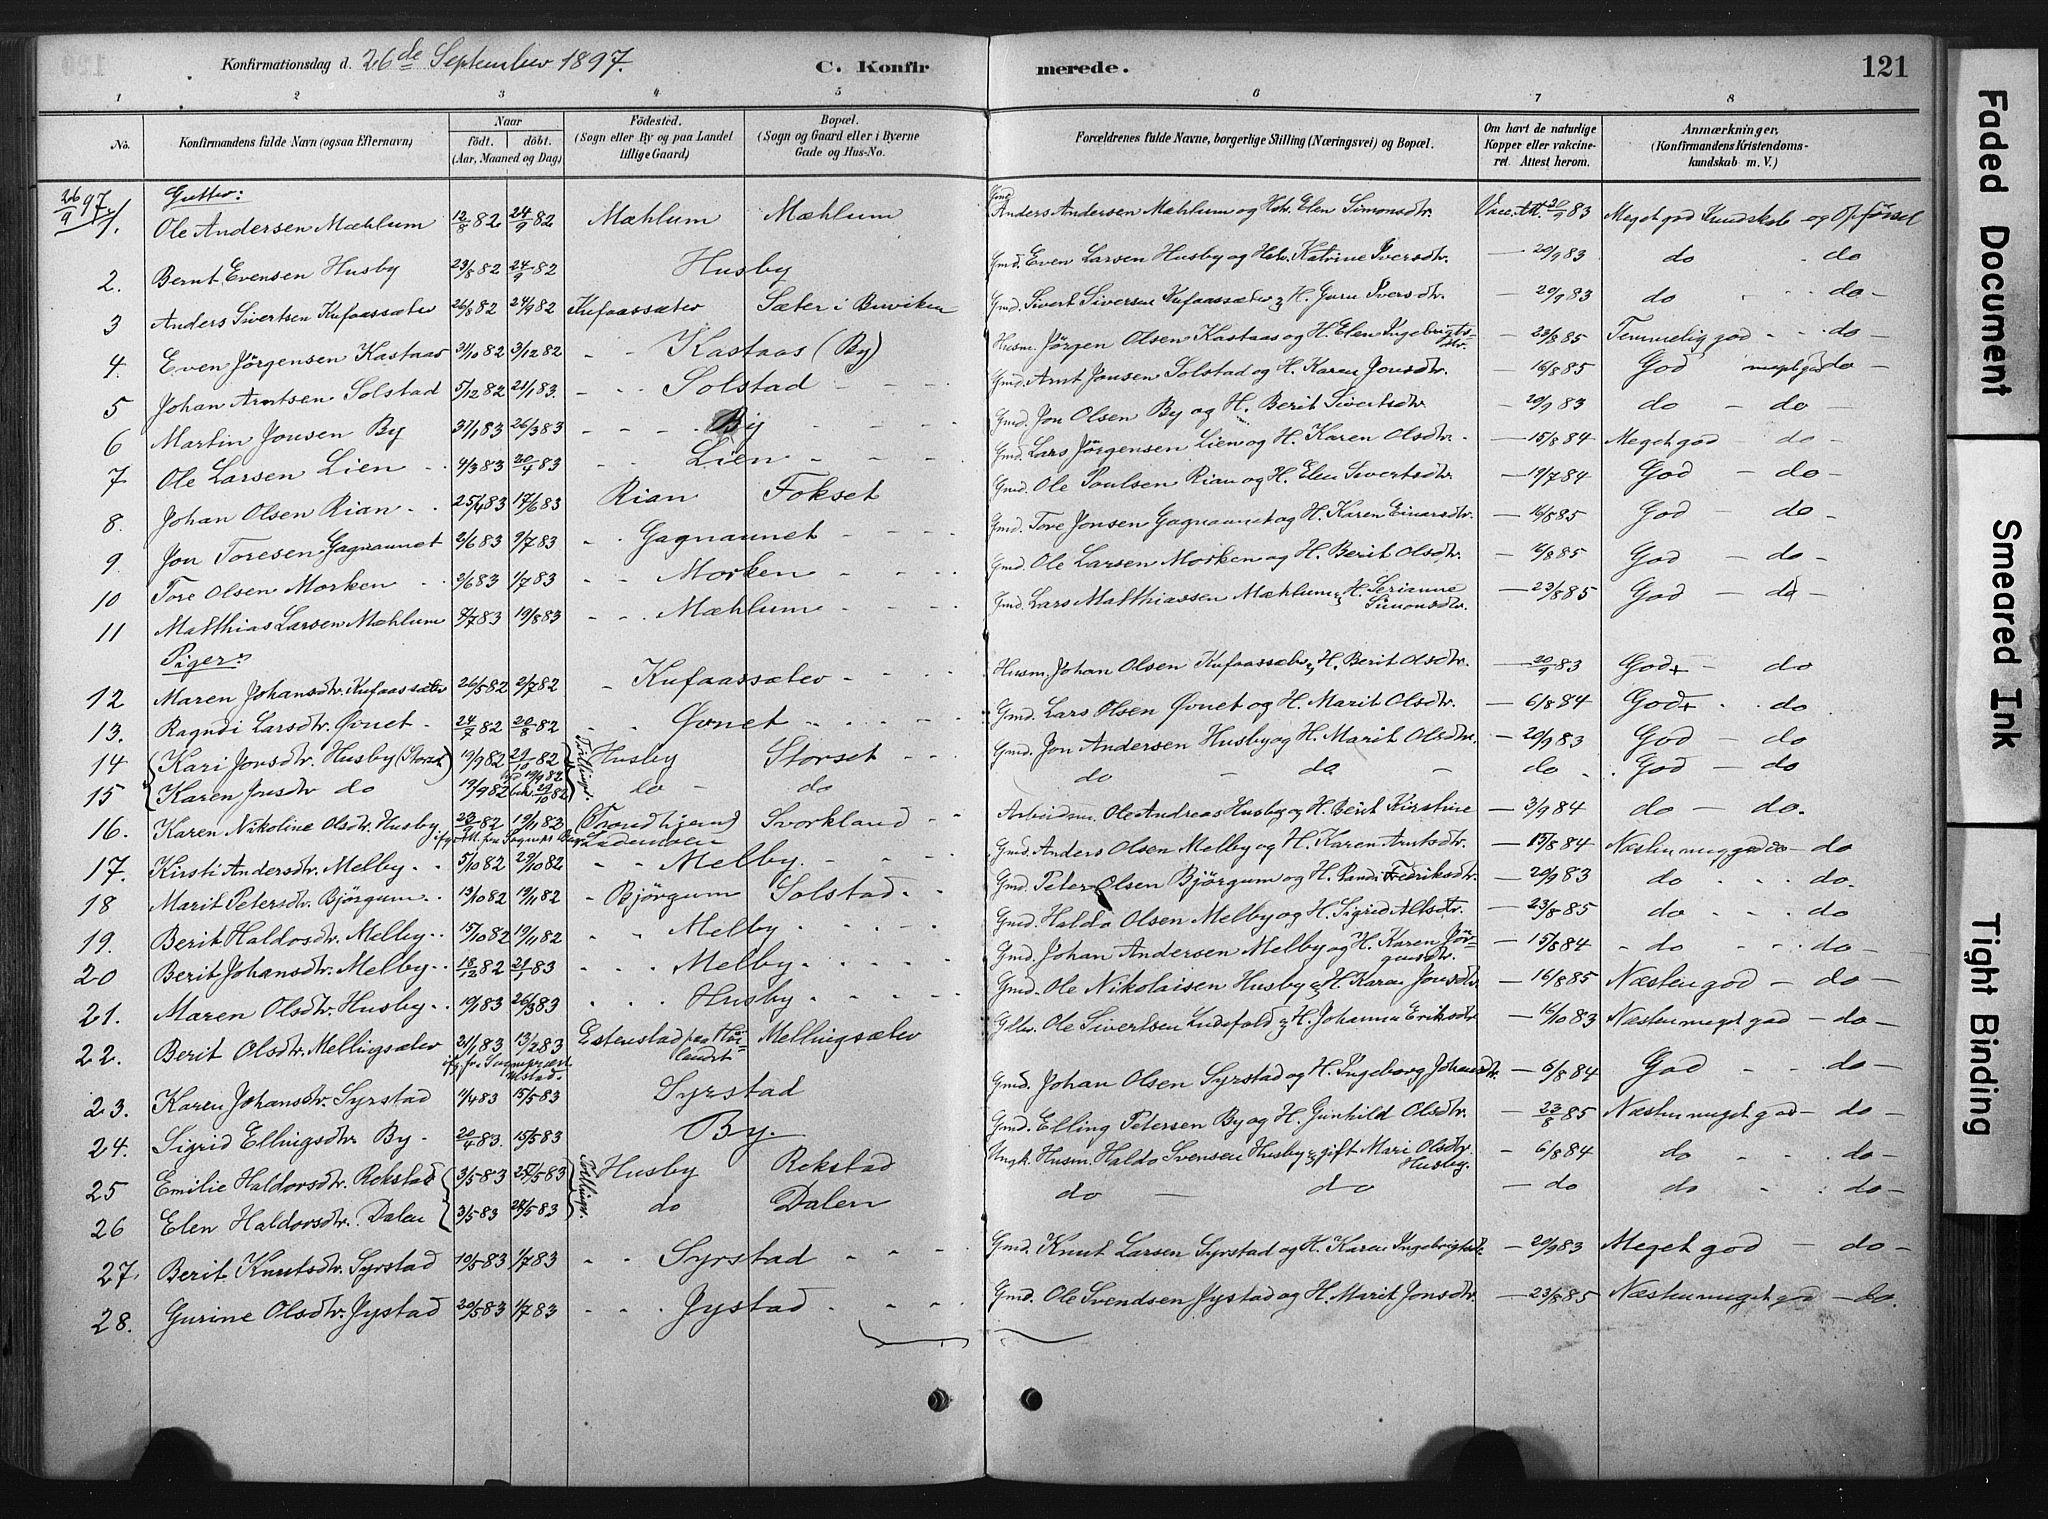 SAT, Ministerialprotokoller, klokkerbøker og fødselsregistre - Sør-Trøndelag, 667/L0795: Ministerialbok nr. 667A03, 1879-1907, s. 121